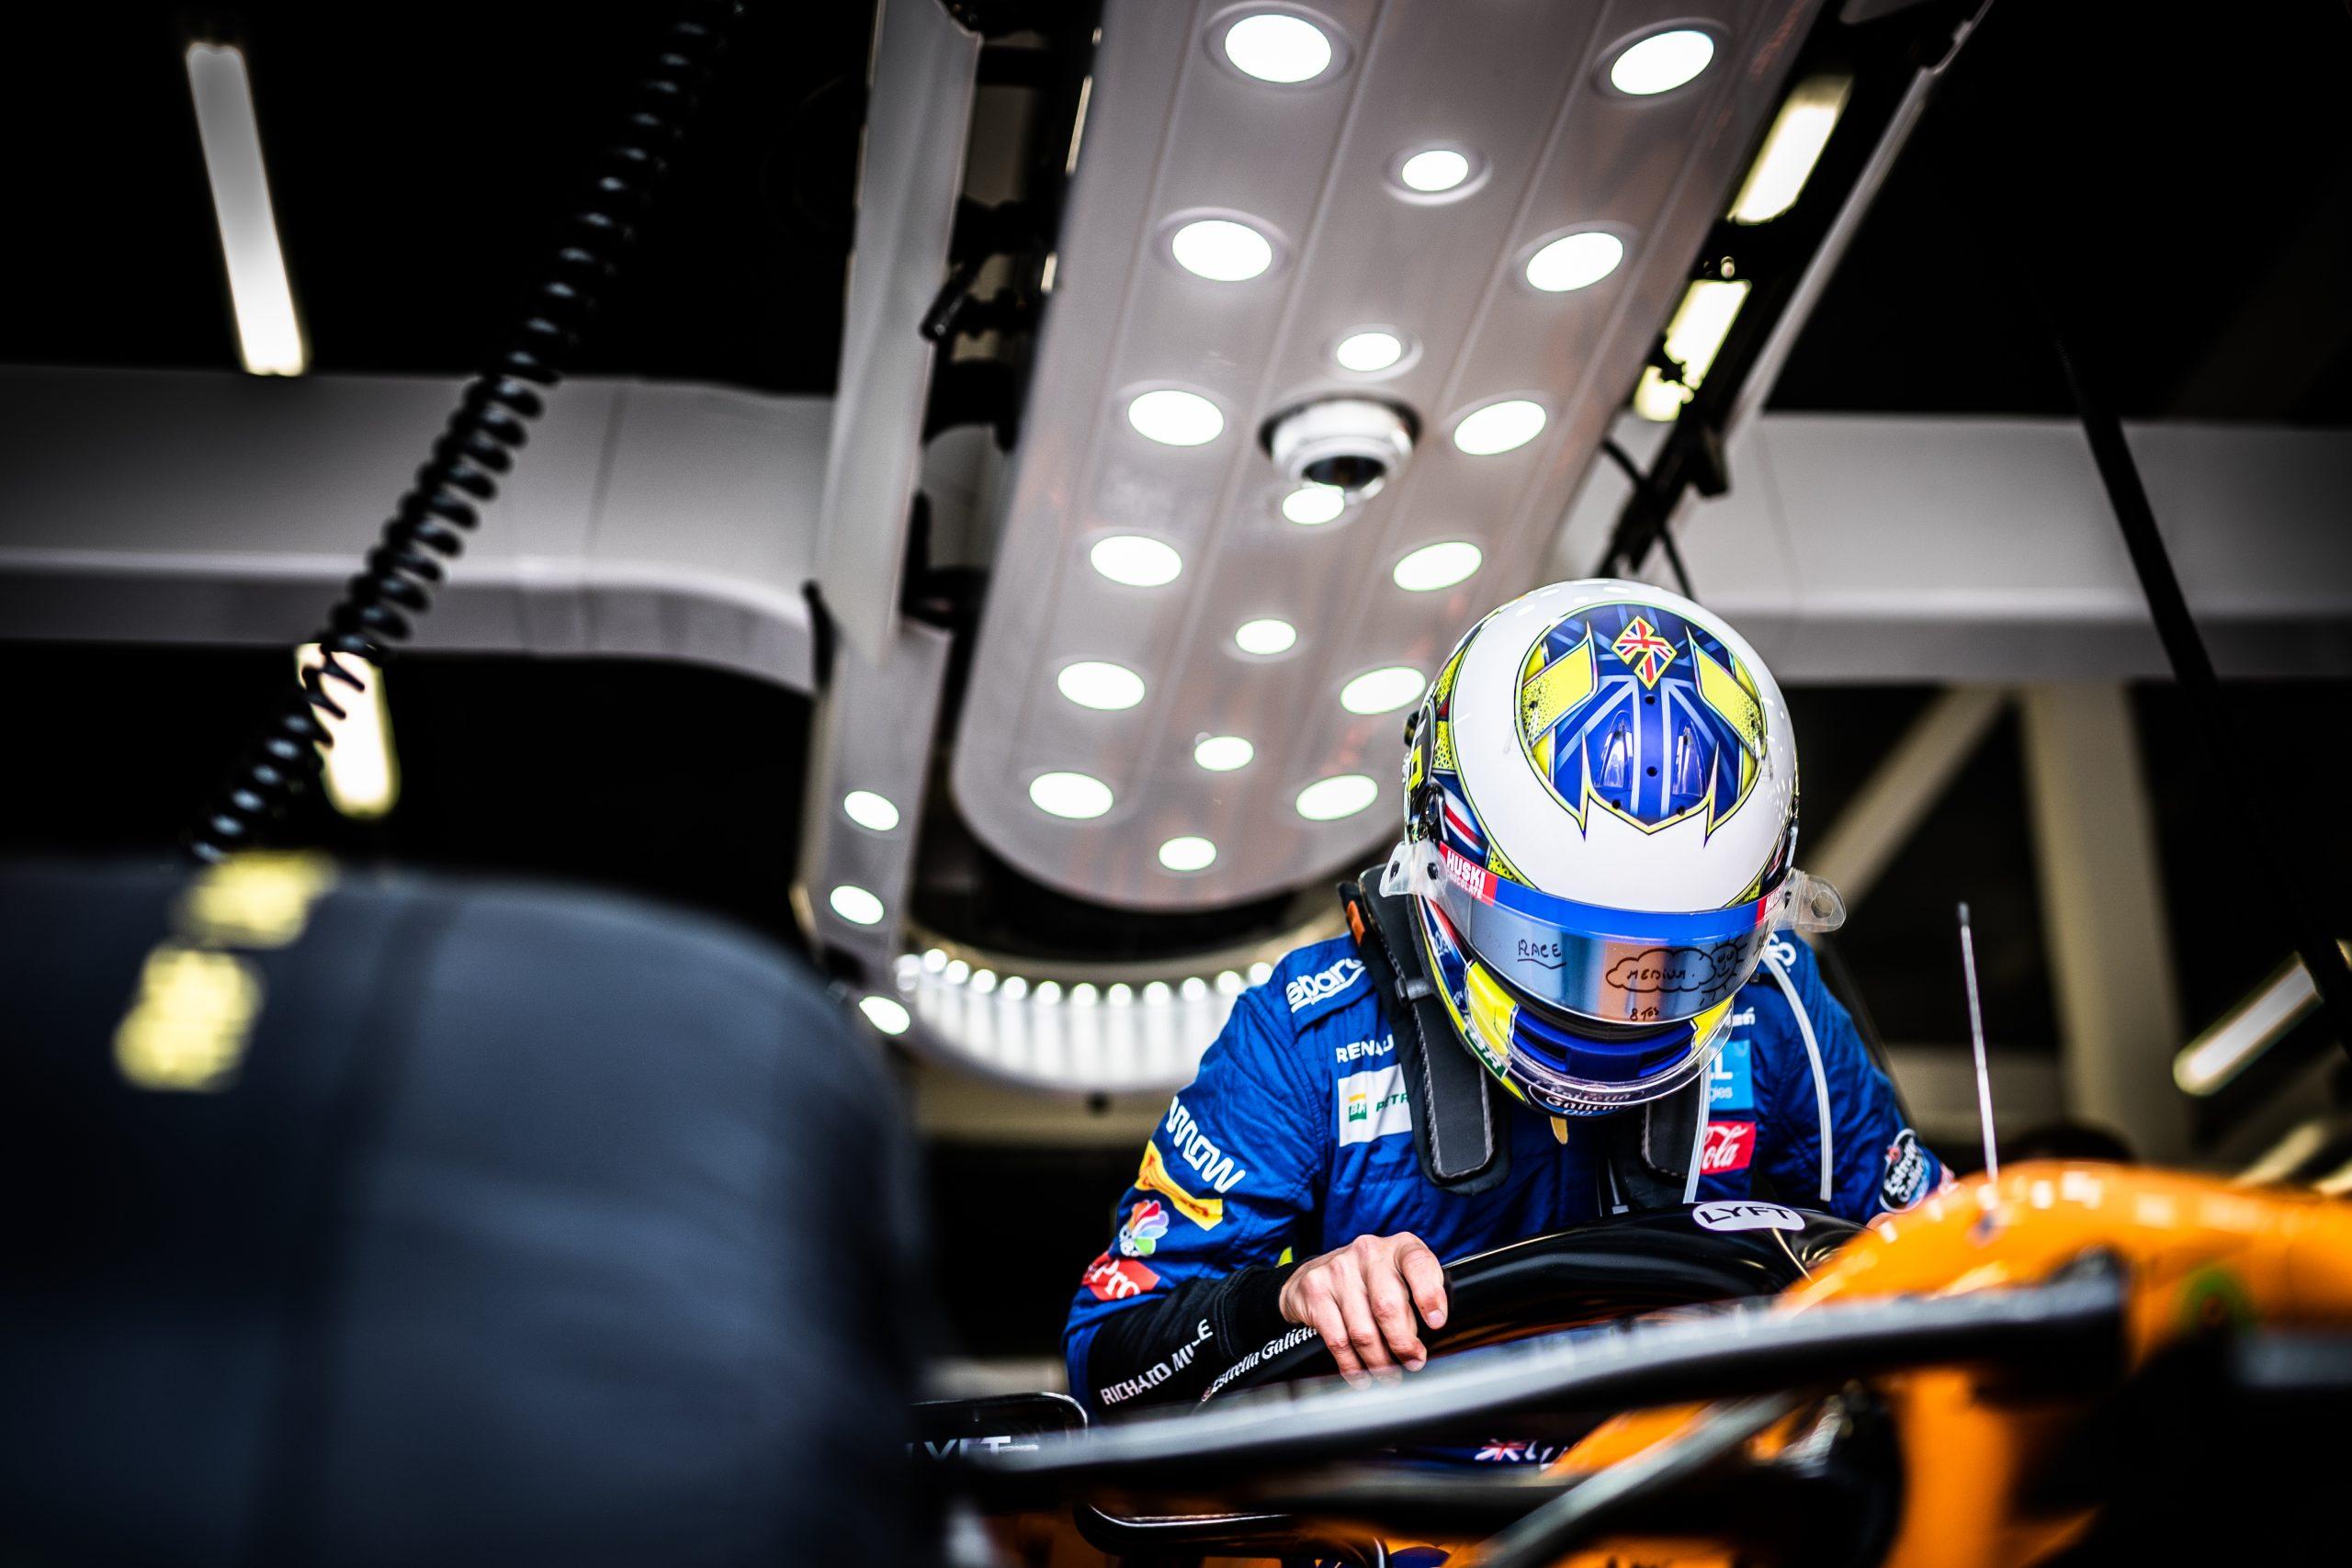 F1 – GREAT BRITAIN GRAND PRIX 2019